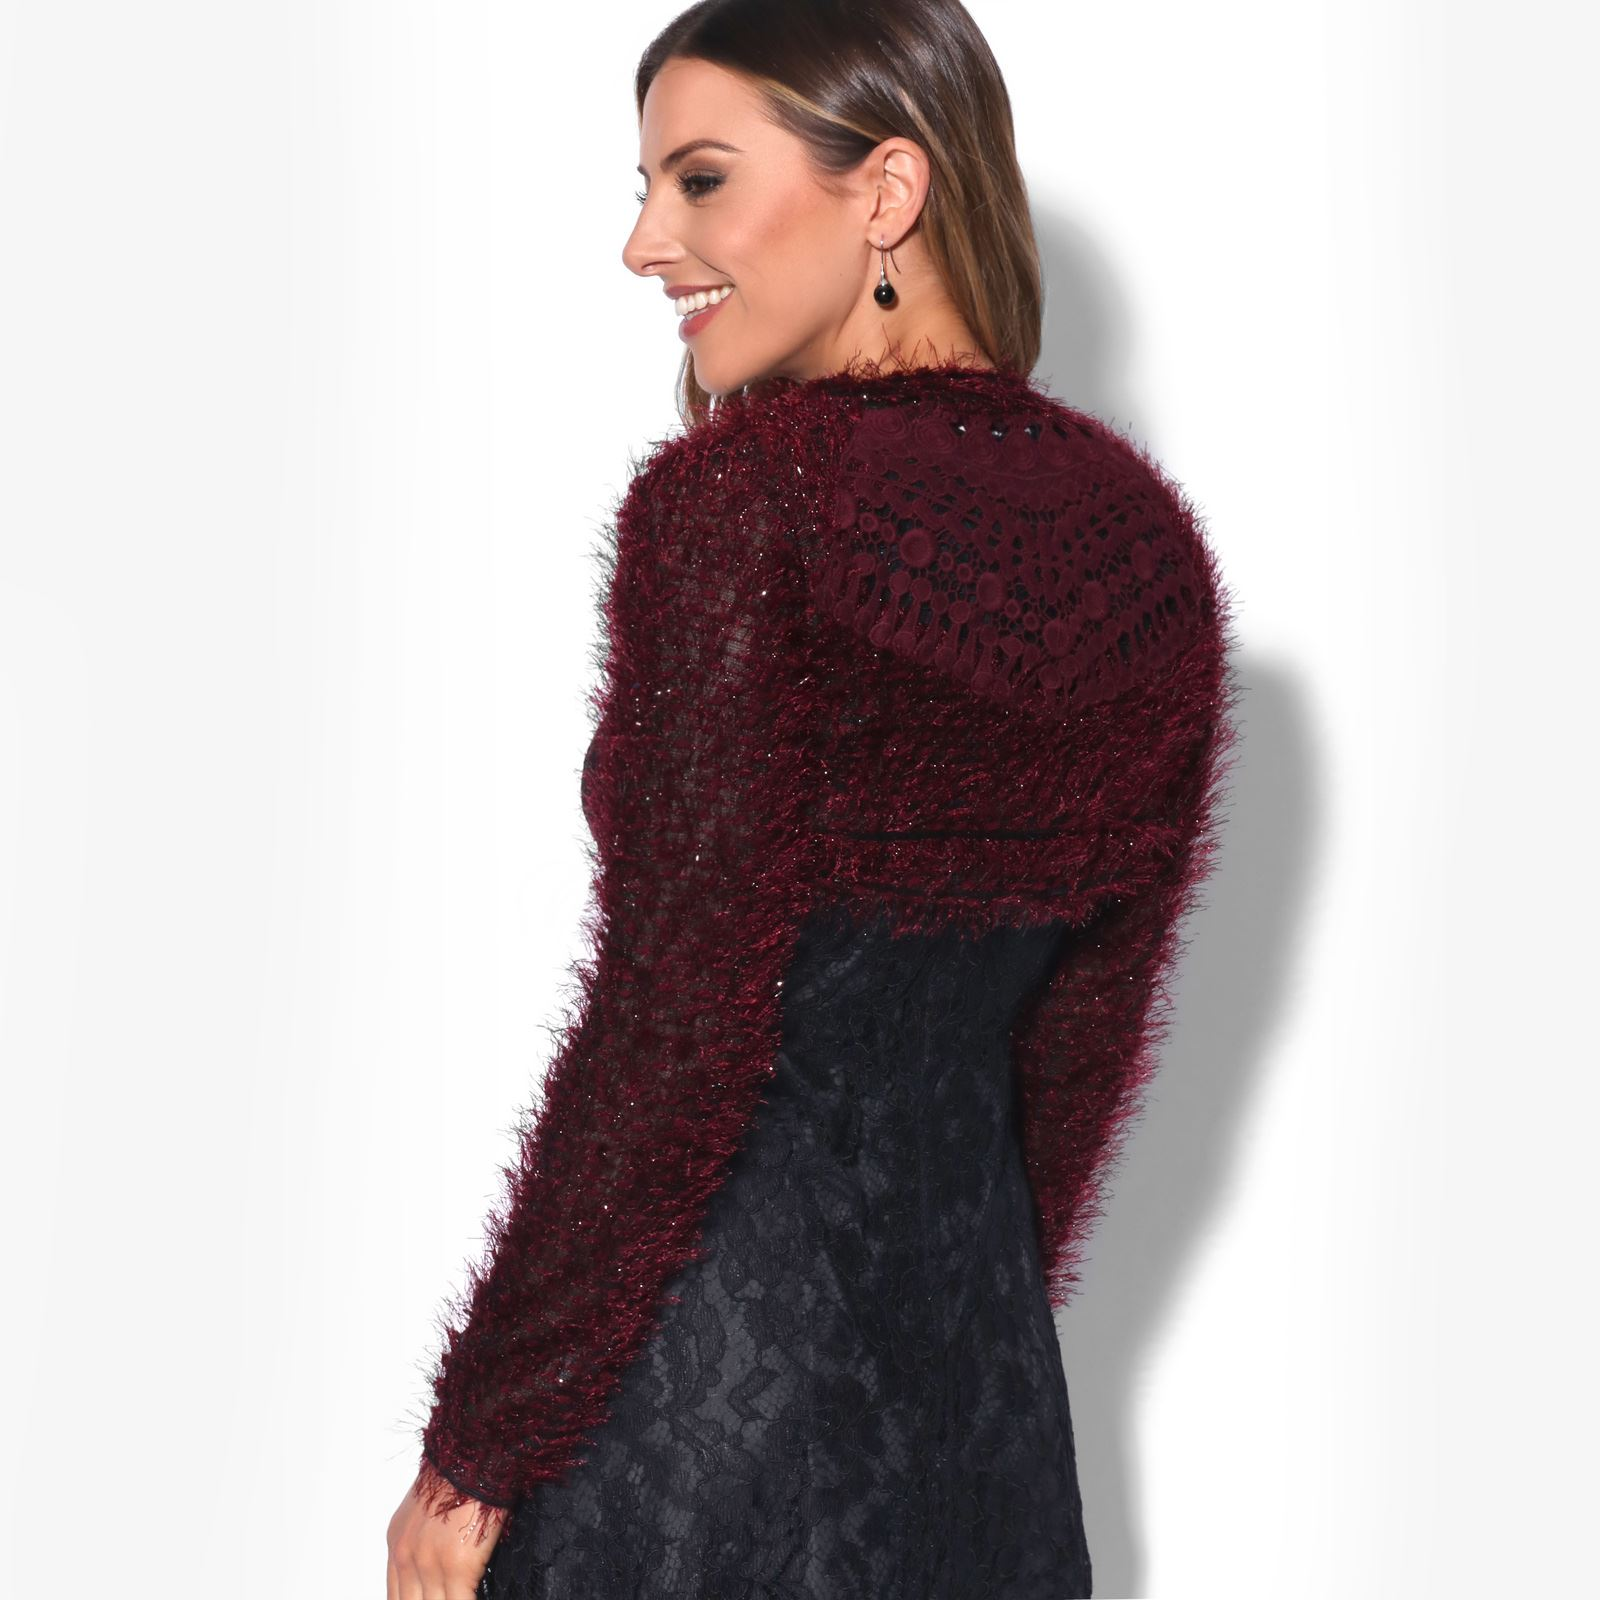 KRISP-Damen-Bolero-Jacke-Kurzes-Jaeckchen-Elegante-Schulterjacke-Blazer-Frauen Indexbild 7